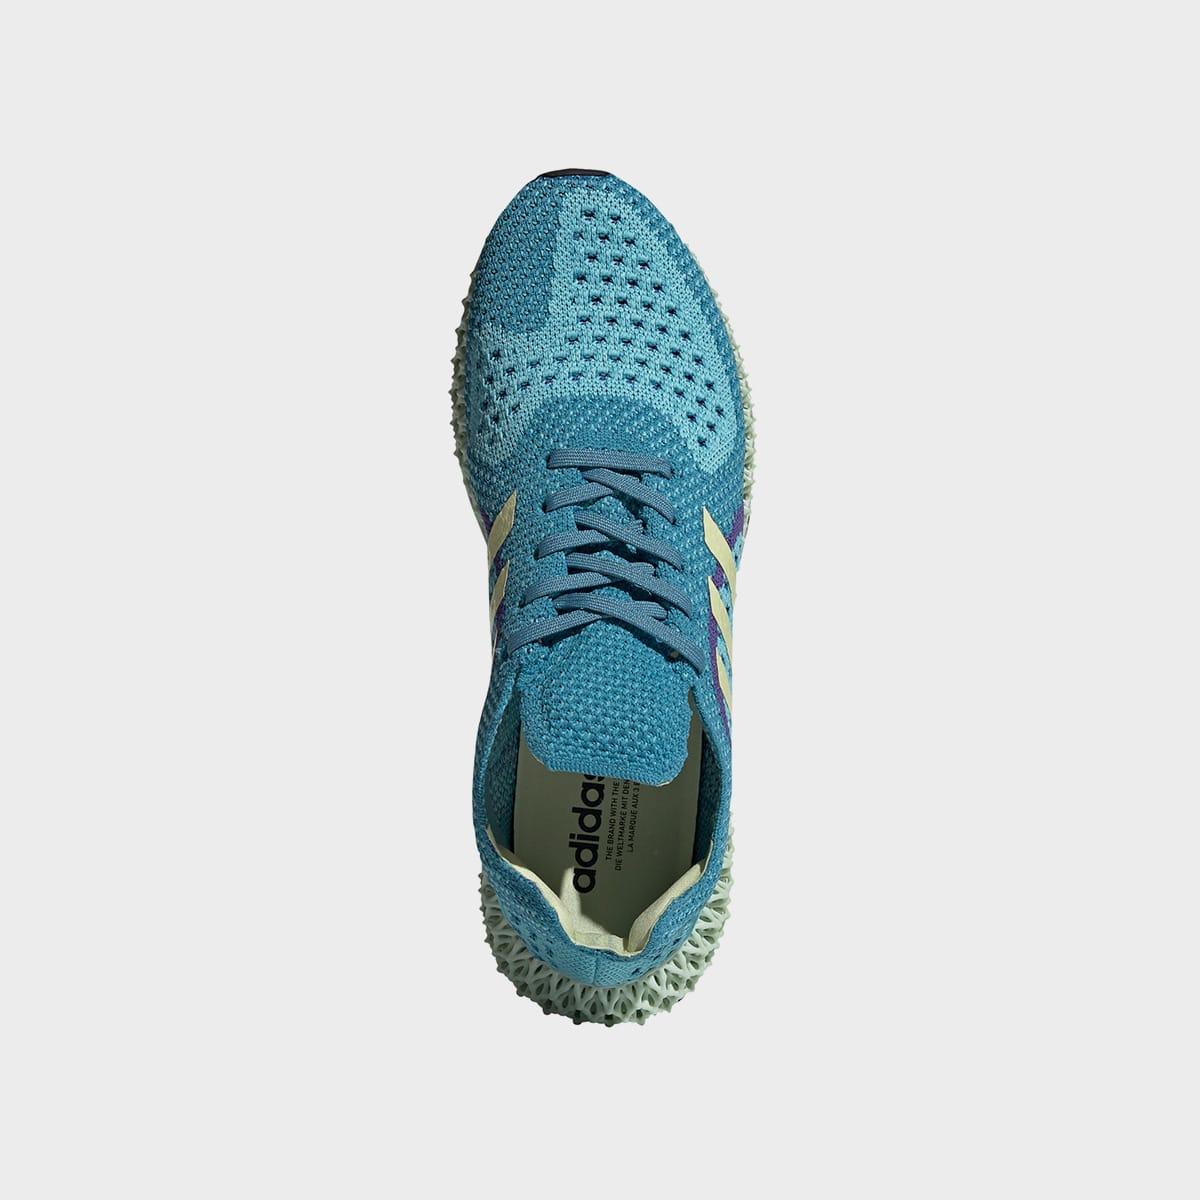 adidas ZX Runner 4D - FY0152